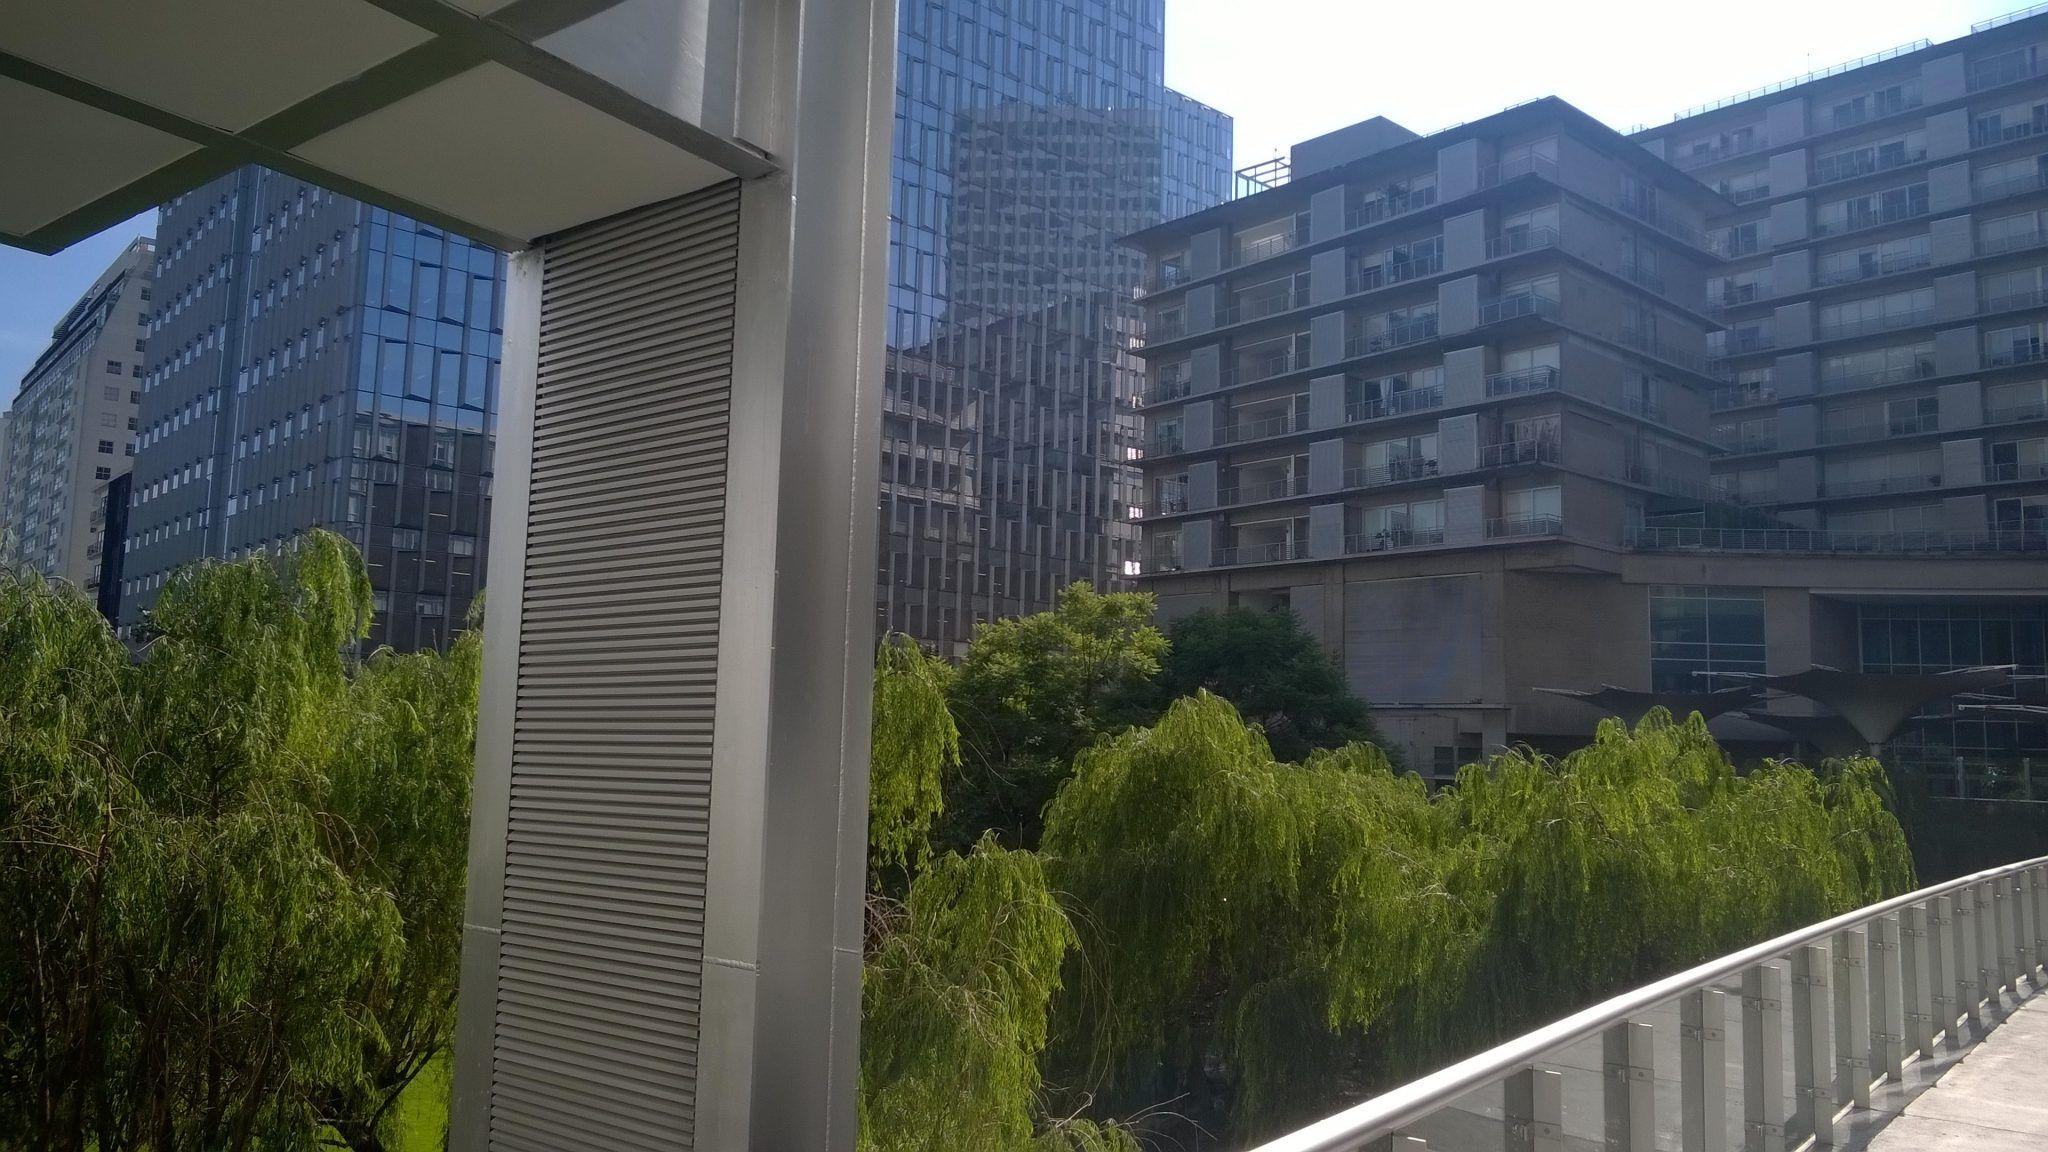 Departamento en Venta en Parques Polanco. 2 Recámaras y dos terrazas. Vista edificio